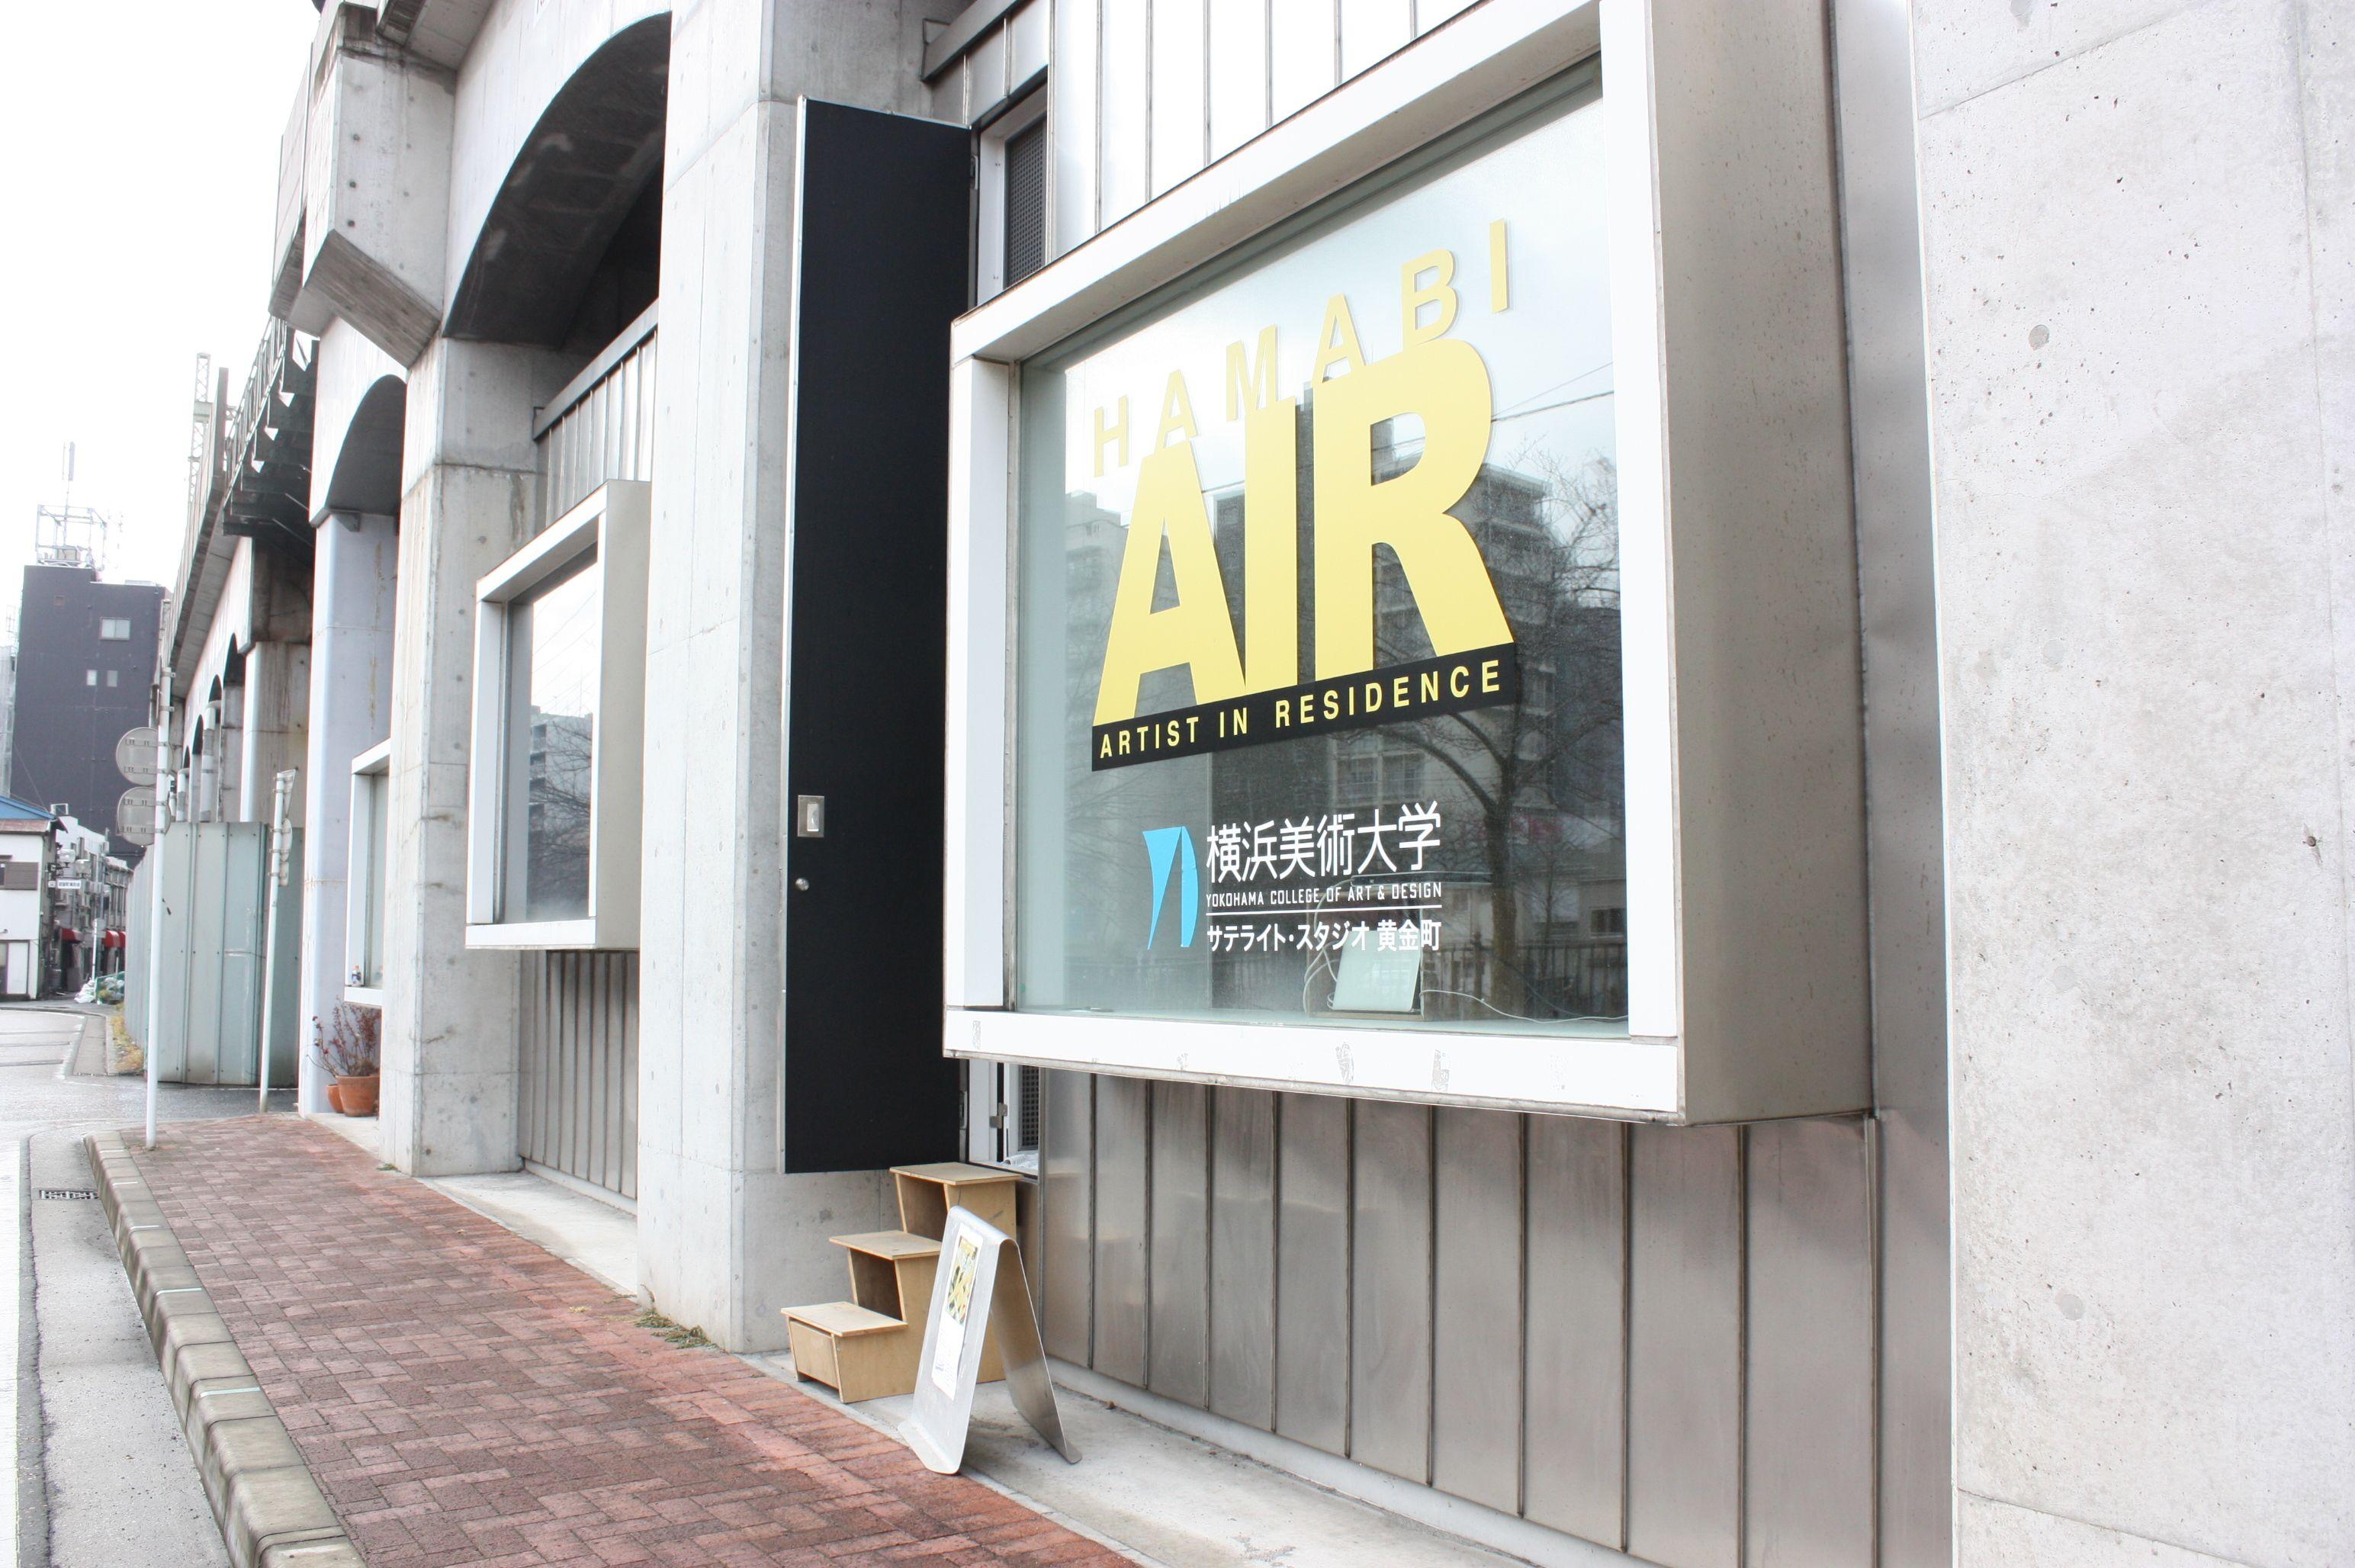 黄金町サテライトスタジオ「HAMABI AIR」